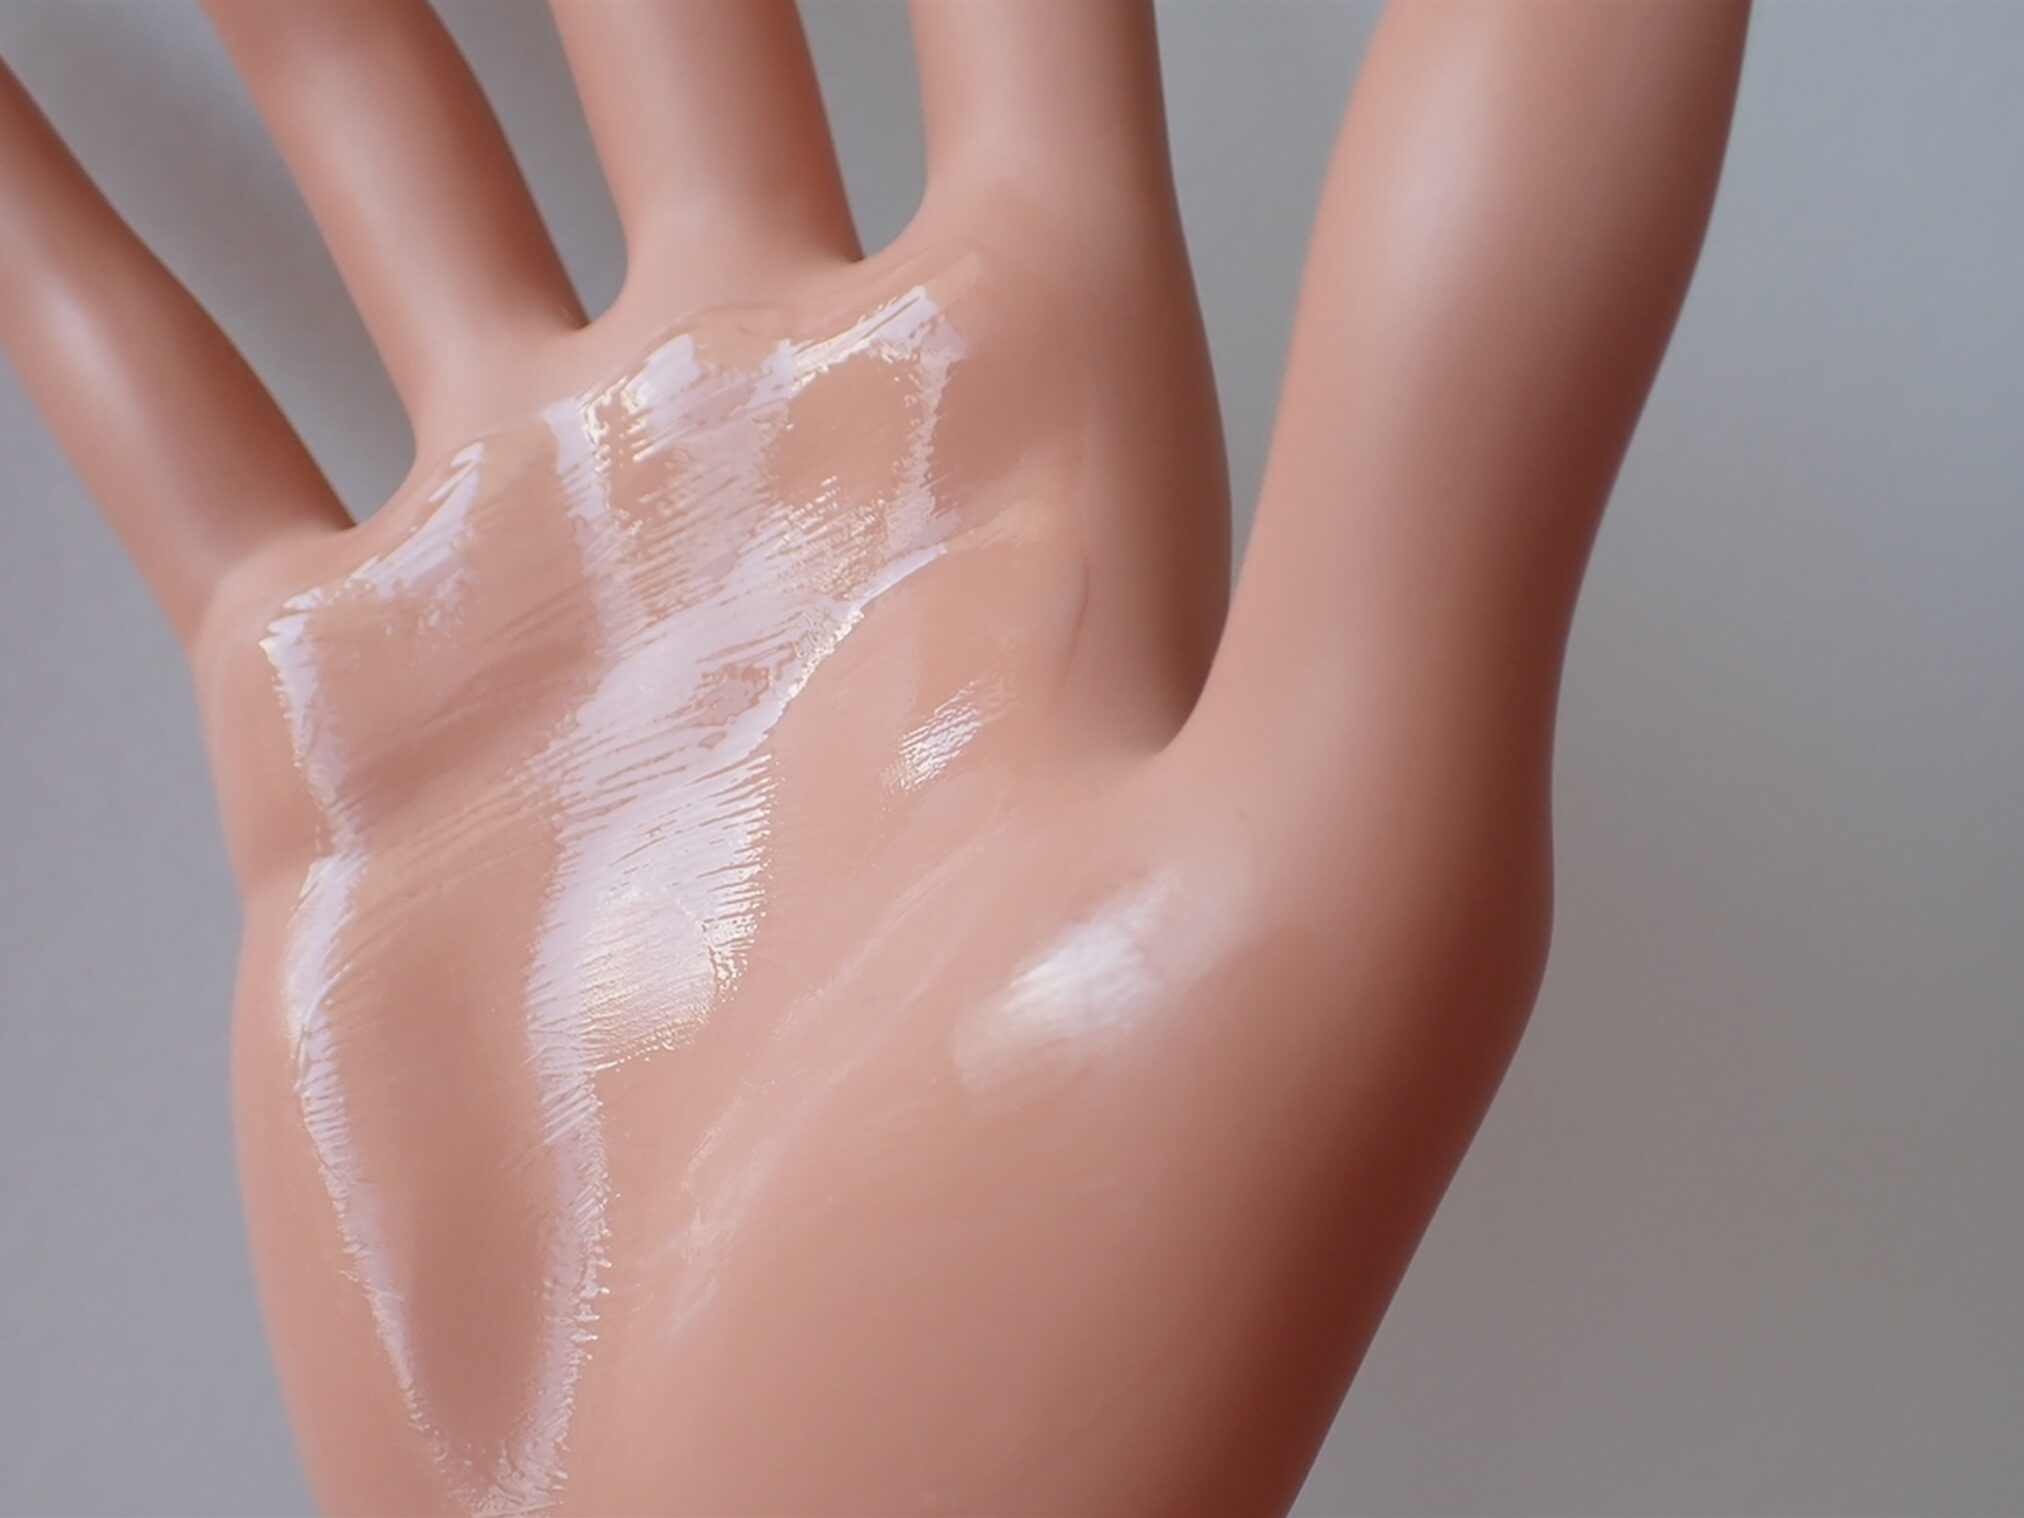 エトヴォス パーフェクトキット アルティモイストセラム 10ml 軽いけど、しっとりもっちりした質感を持つ乳液兼美容液です